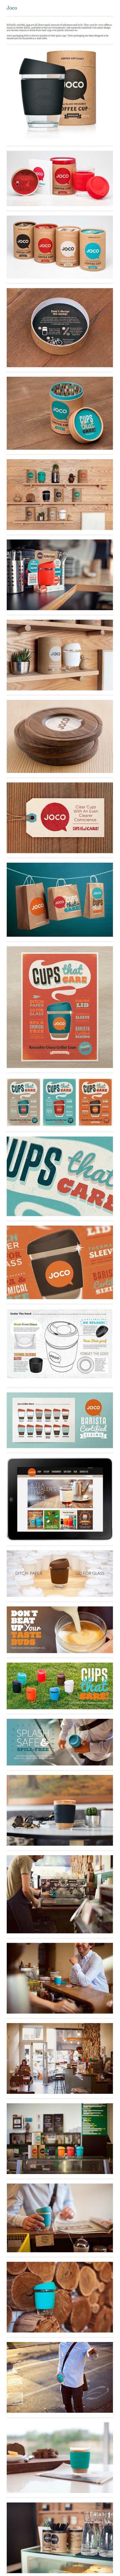 Joco coffee #packaging | #stationary #corporate #design #corporatedesign #logo #identity #branding #marketing < repinned by www.BlickeDeeler.de